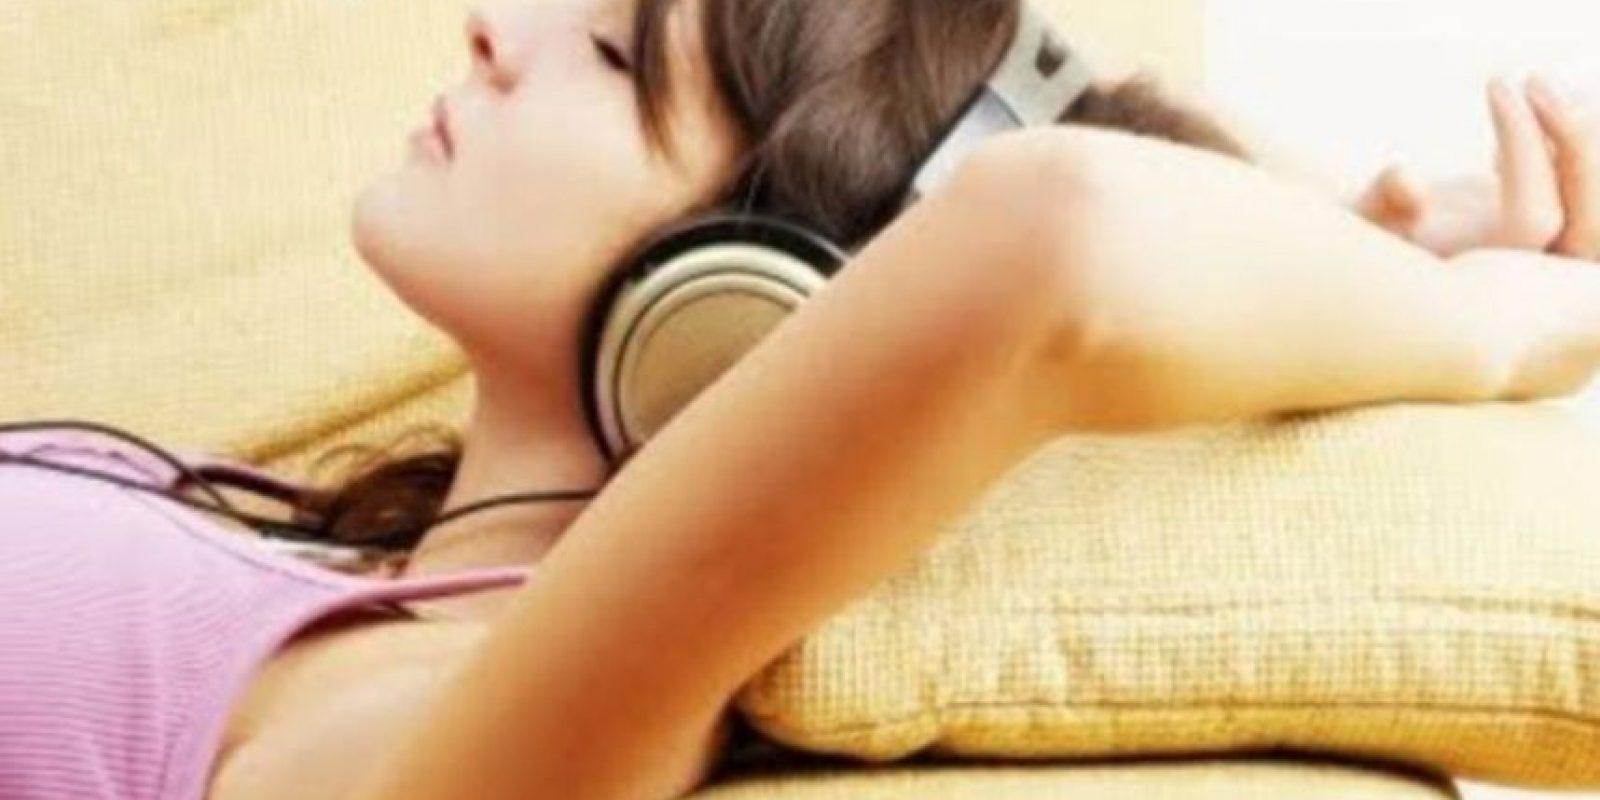 7. Aunque es importante mantener el volumen bajo, la limitación del uso de aparatos de audio personales a menos de una hora al día contribuirá enormemente a reducir la exposición al sonido. Foto:vía Tumblr.com